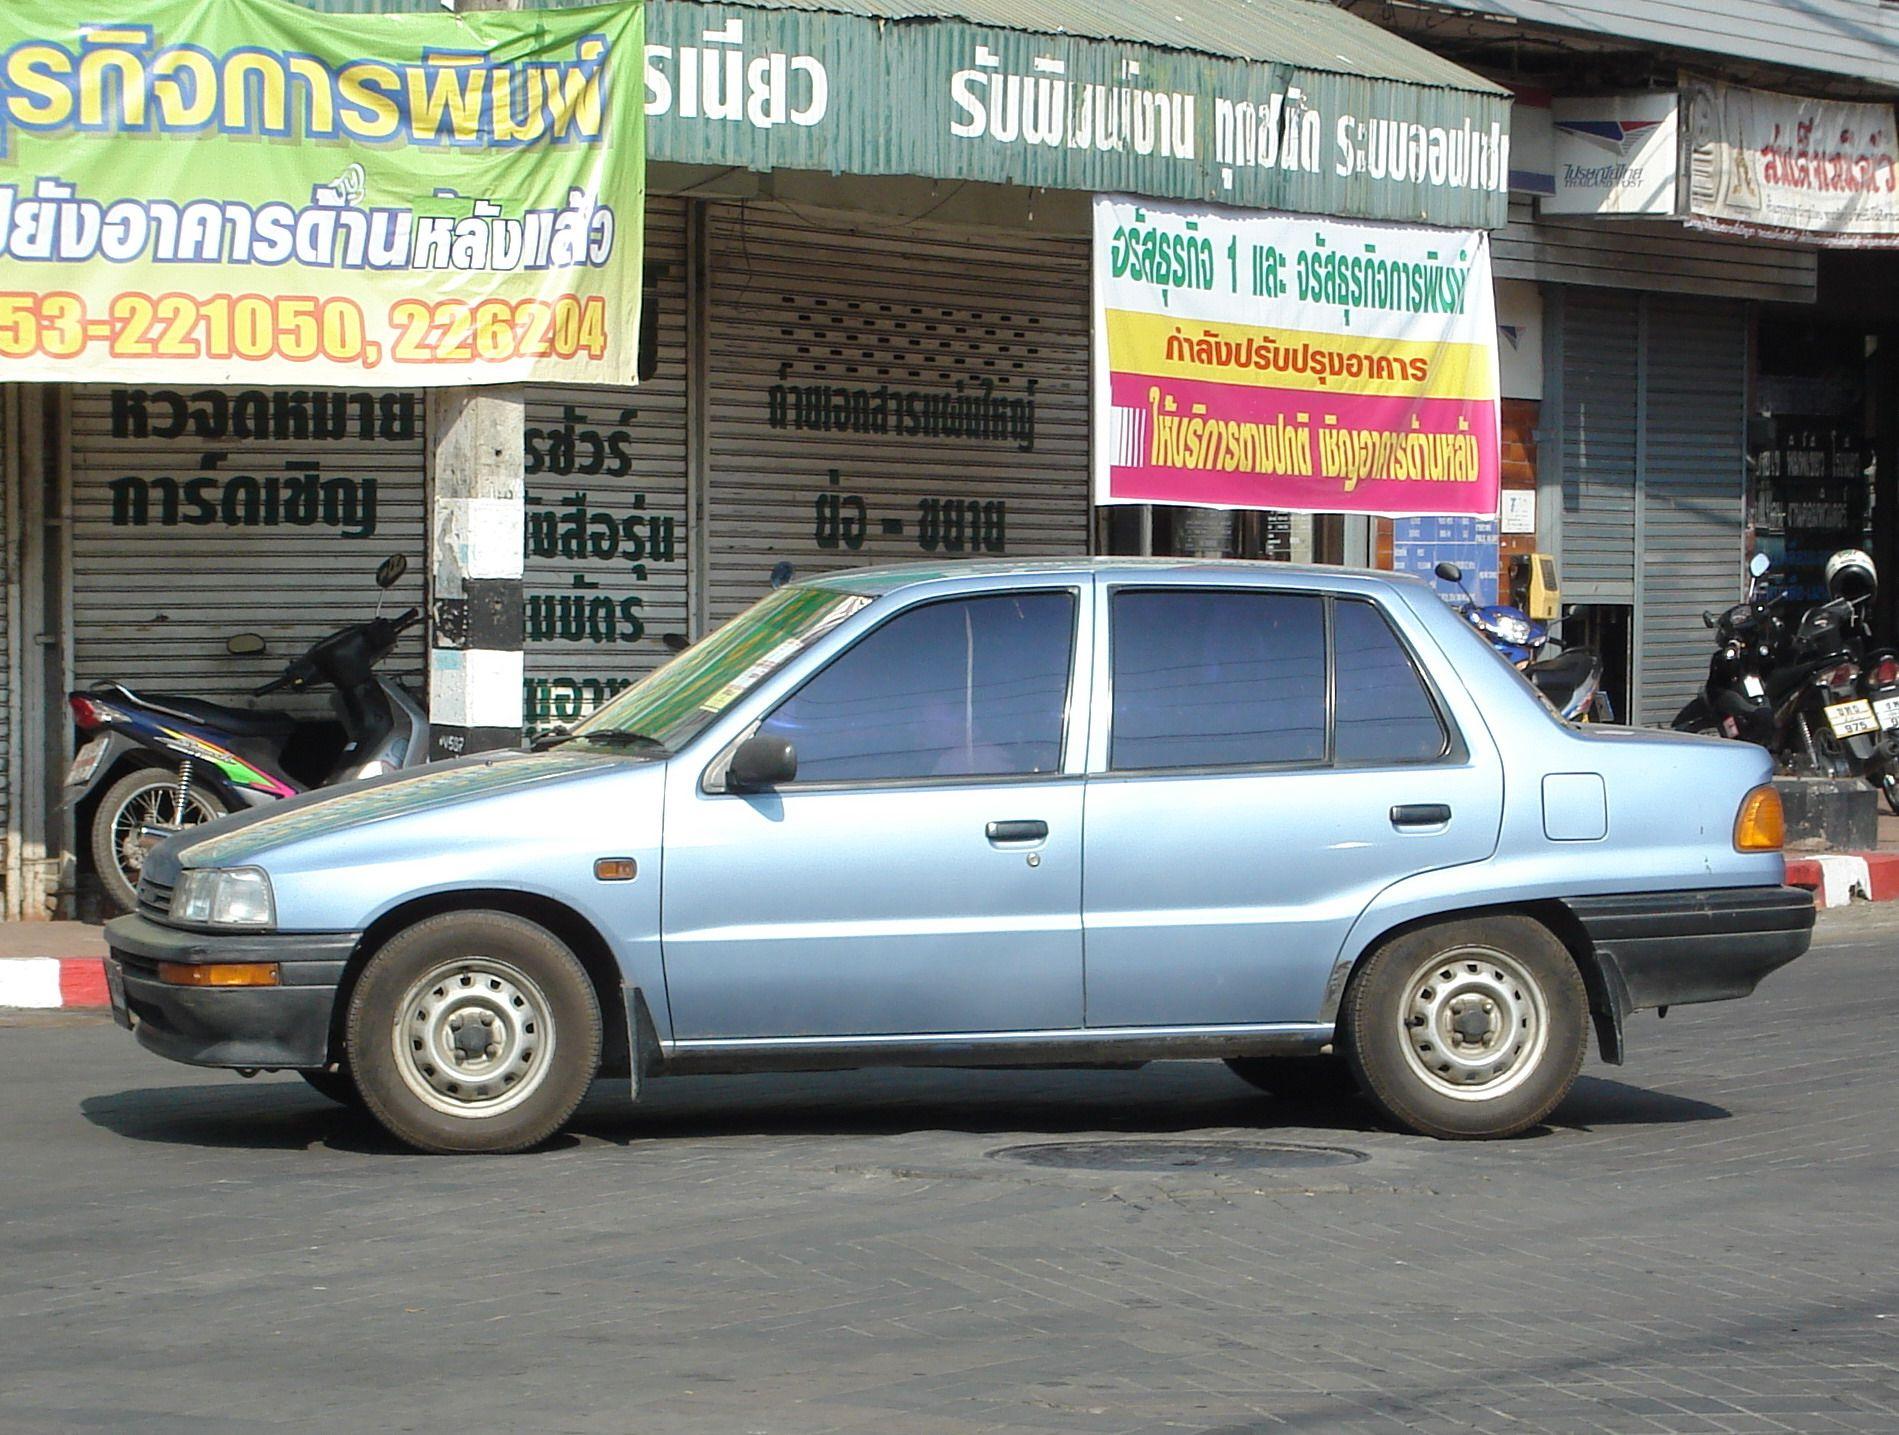 Daihatsu charade giro 13 sedan daihatsu pinterest daihatsu daihatsu charade giro 13 sedan vanachro Gallery